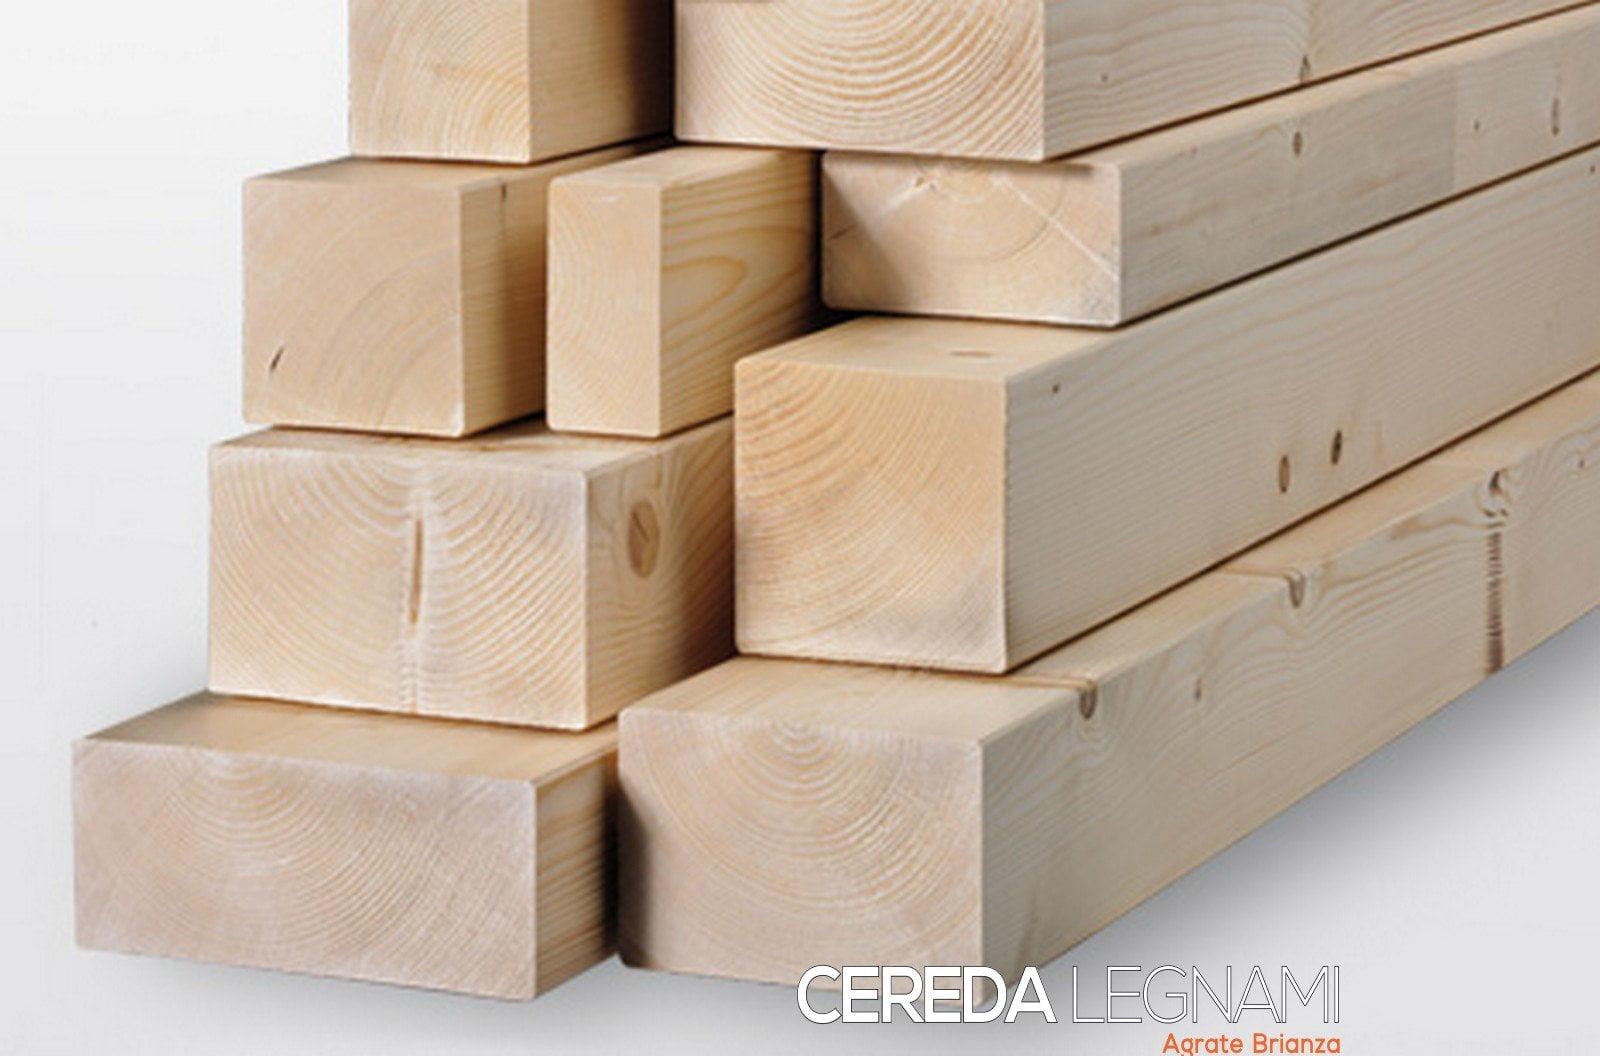 Legno massello abete cereda legnami agrate brianza - Tavole di legno per edilizia ...